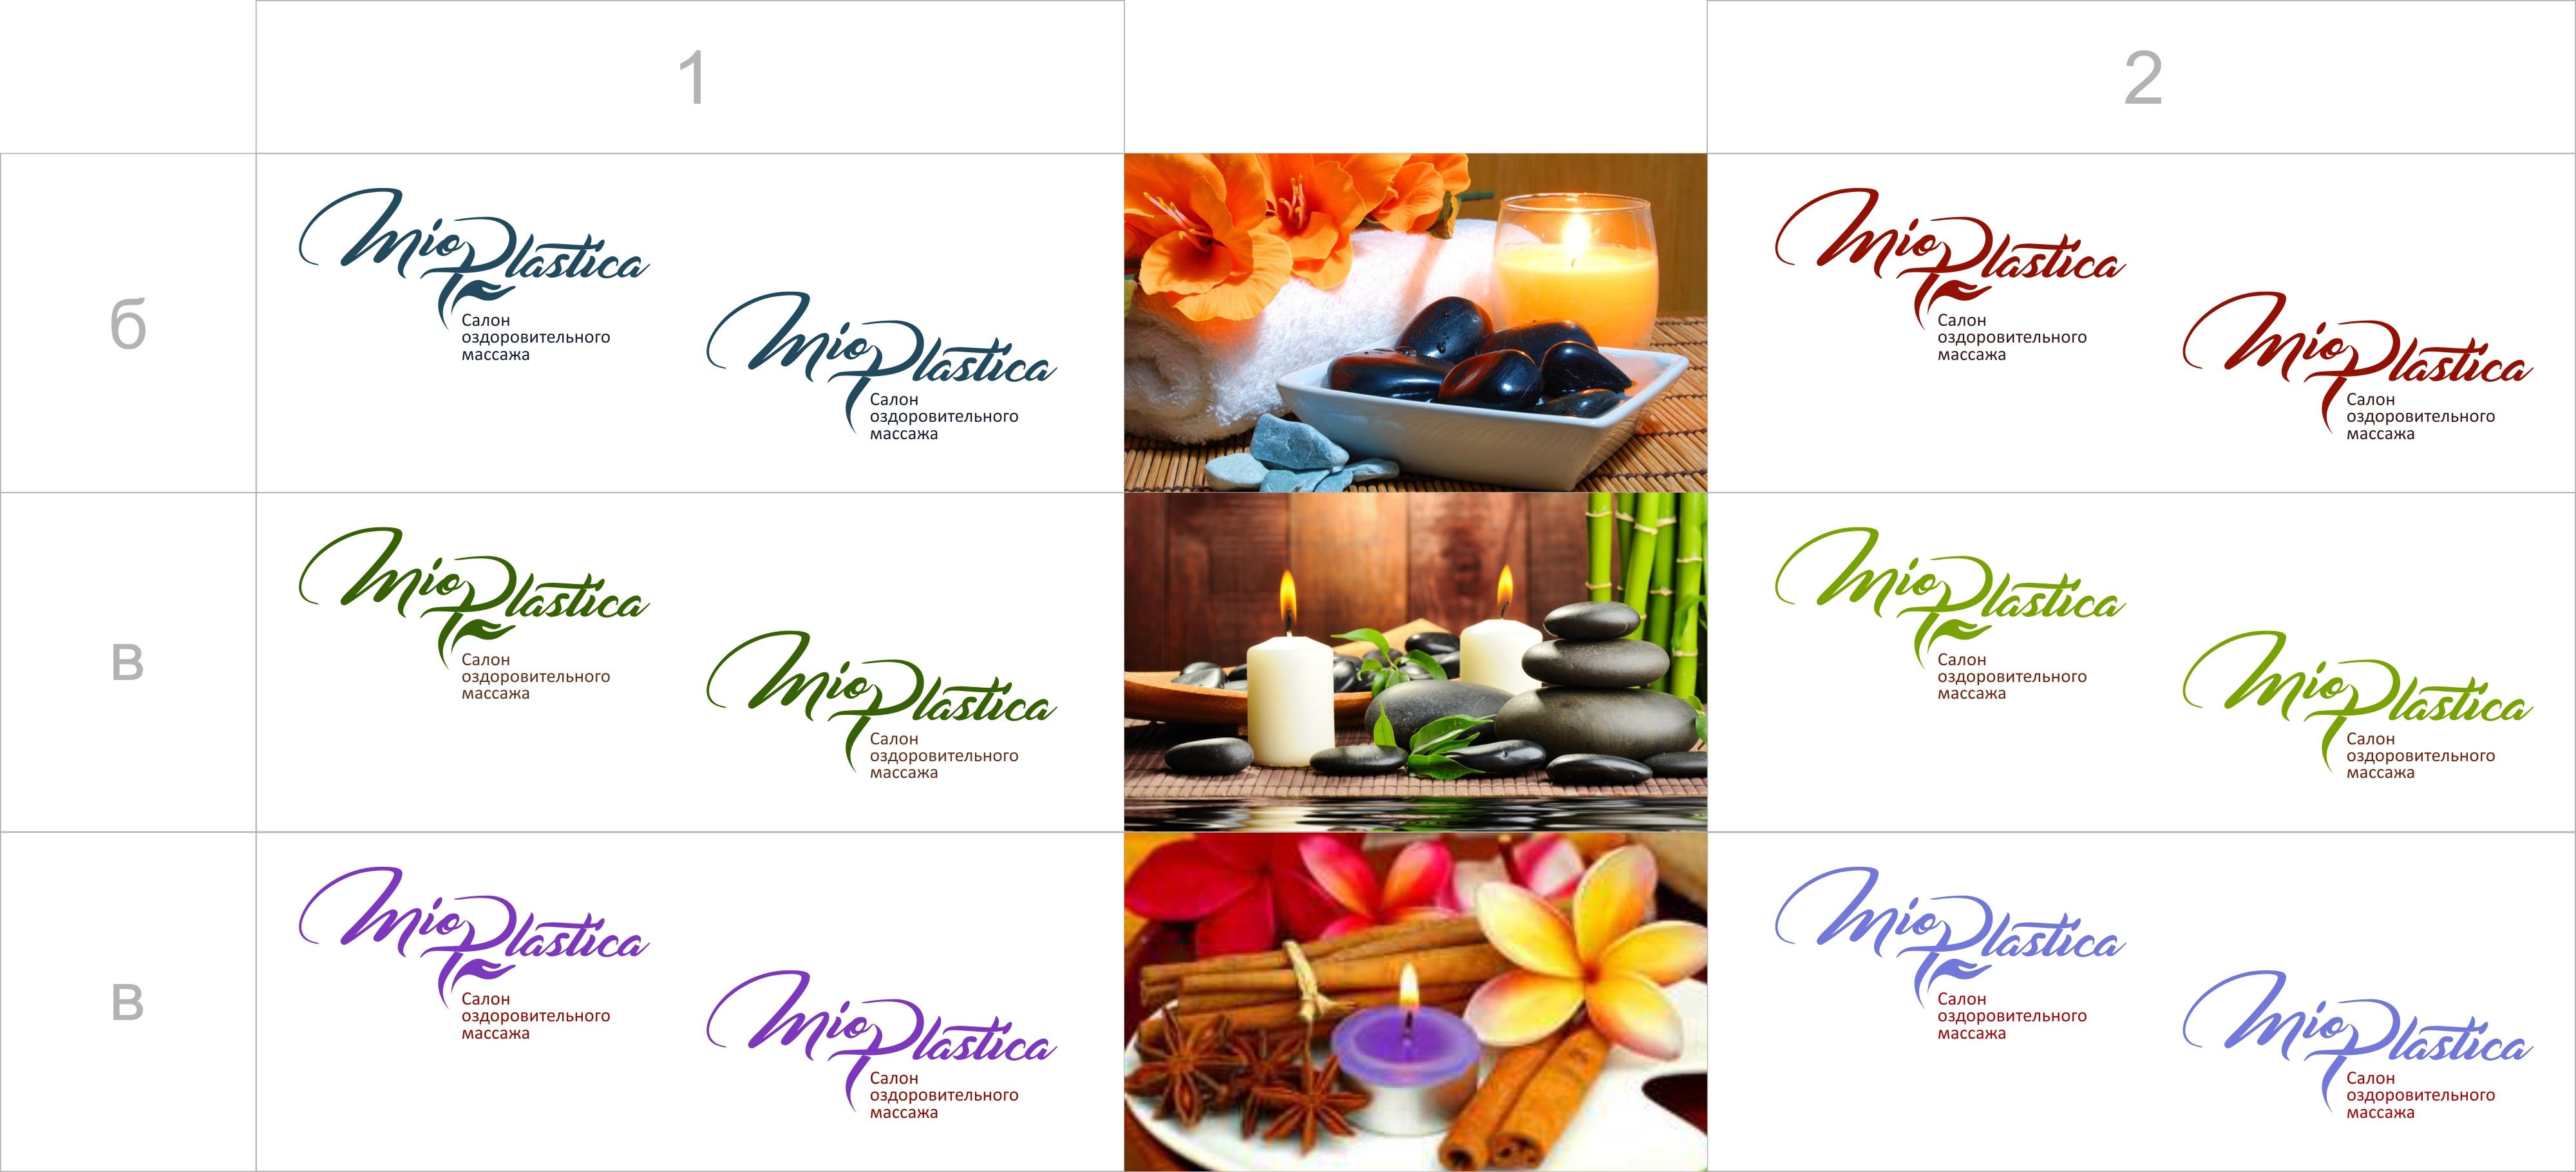 Цветоввое решение логотипа Миопластика